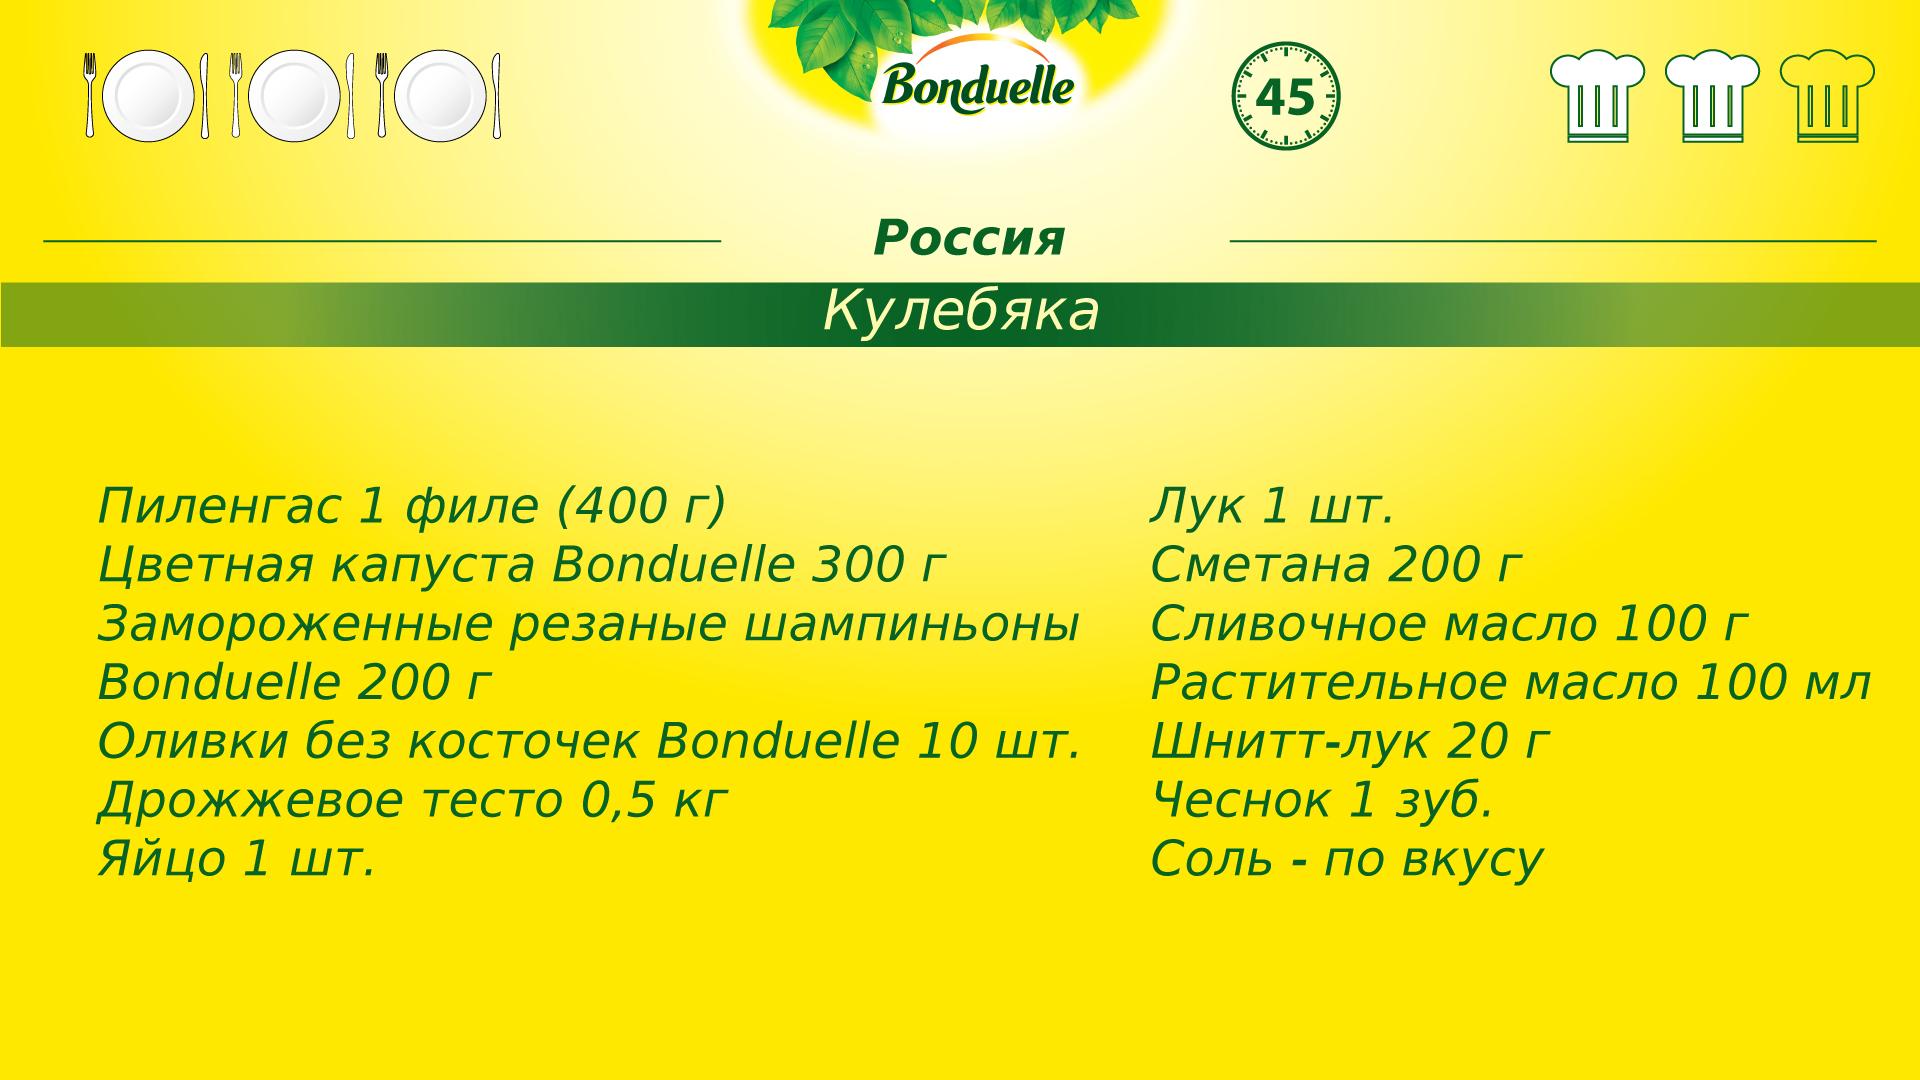 Русская кулебяка